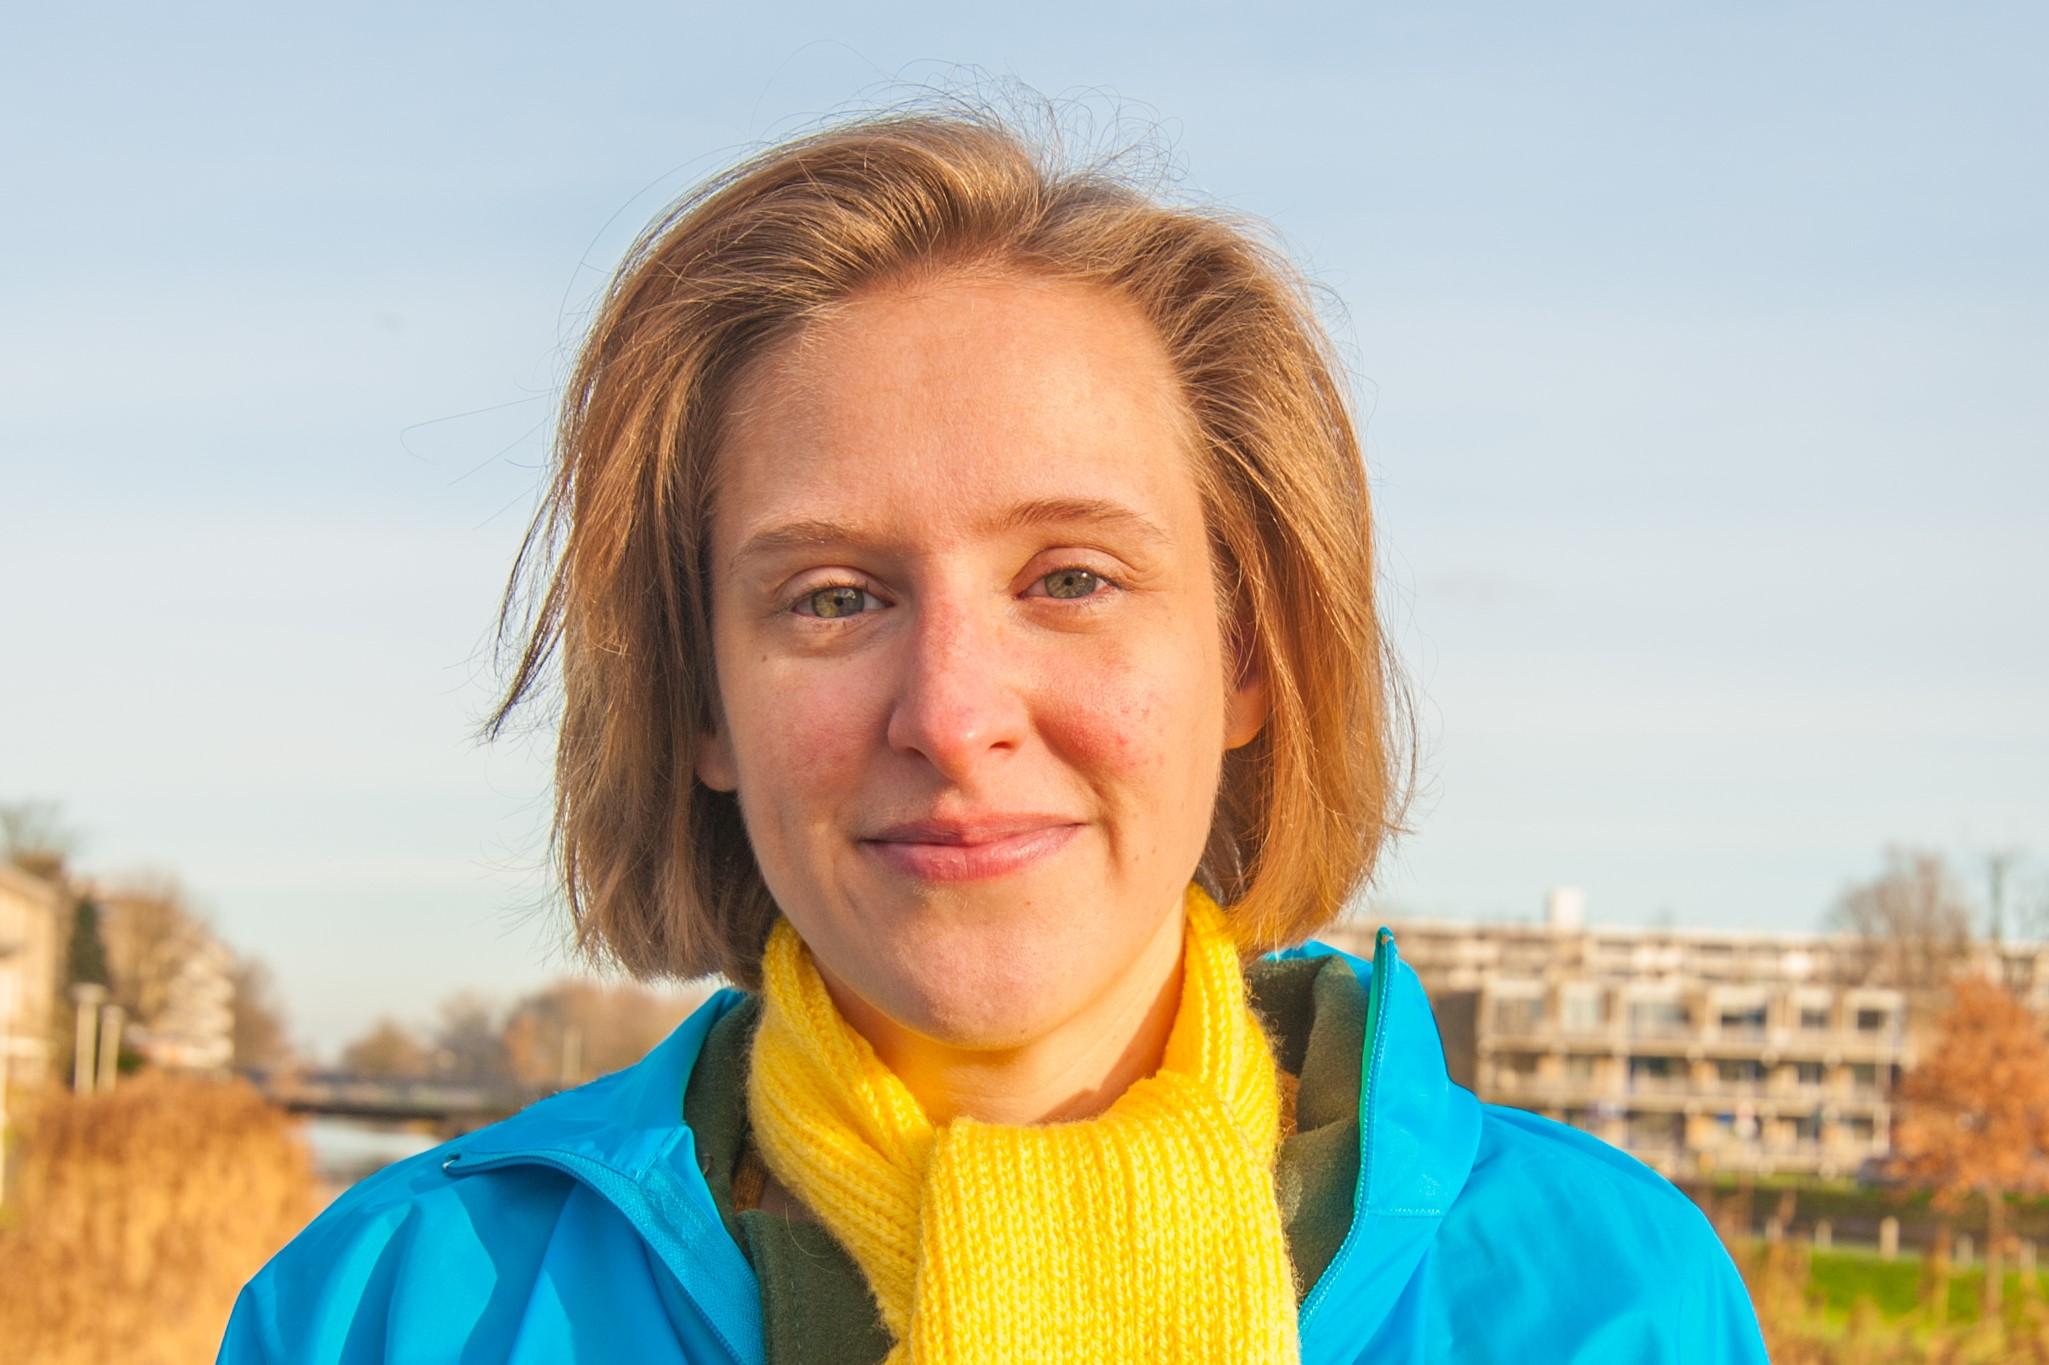 Marijke Tiemensma